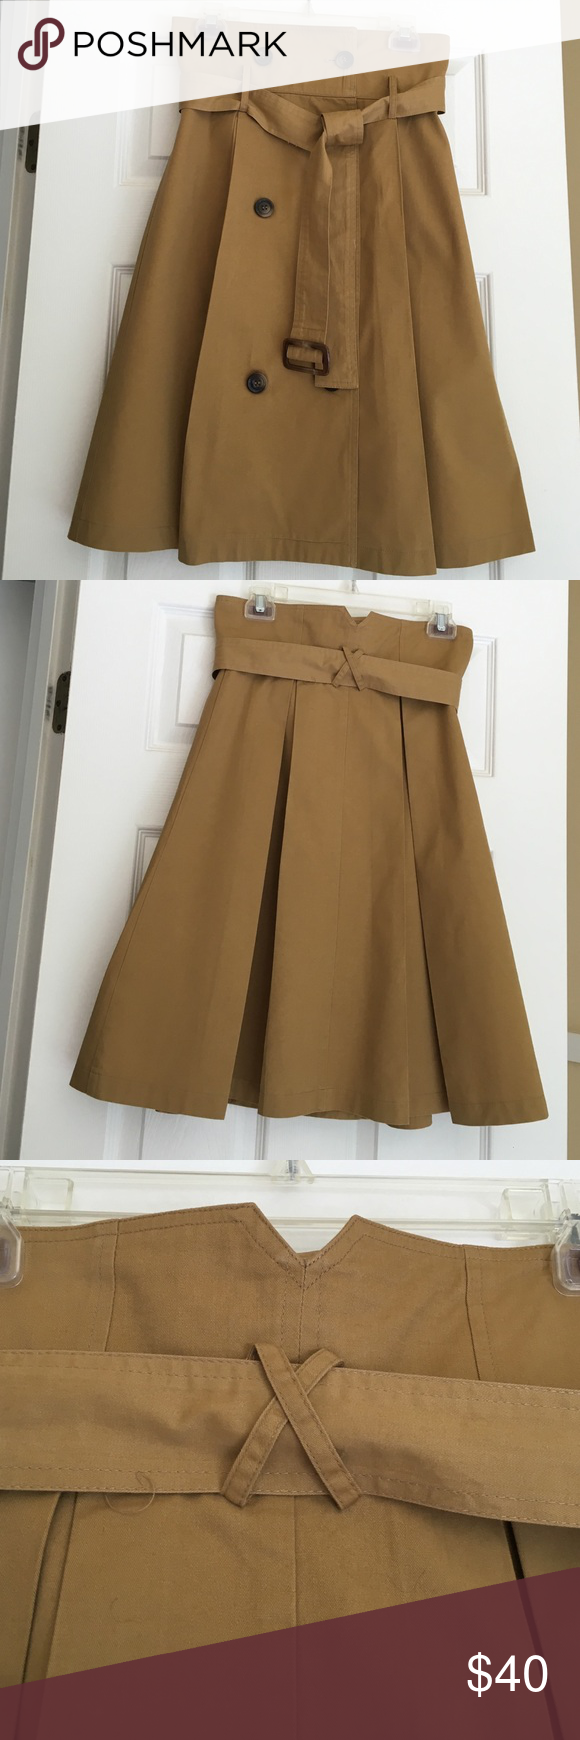 """Trench Inspired Skirt Trench Inspired Khaki Style Skirt. Length 26"""". Skirts"""